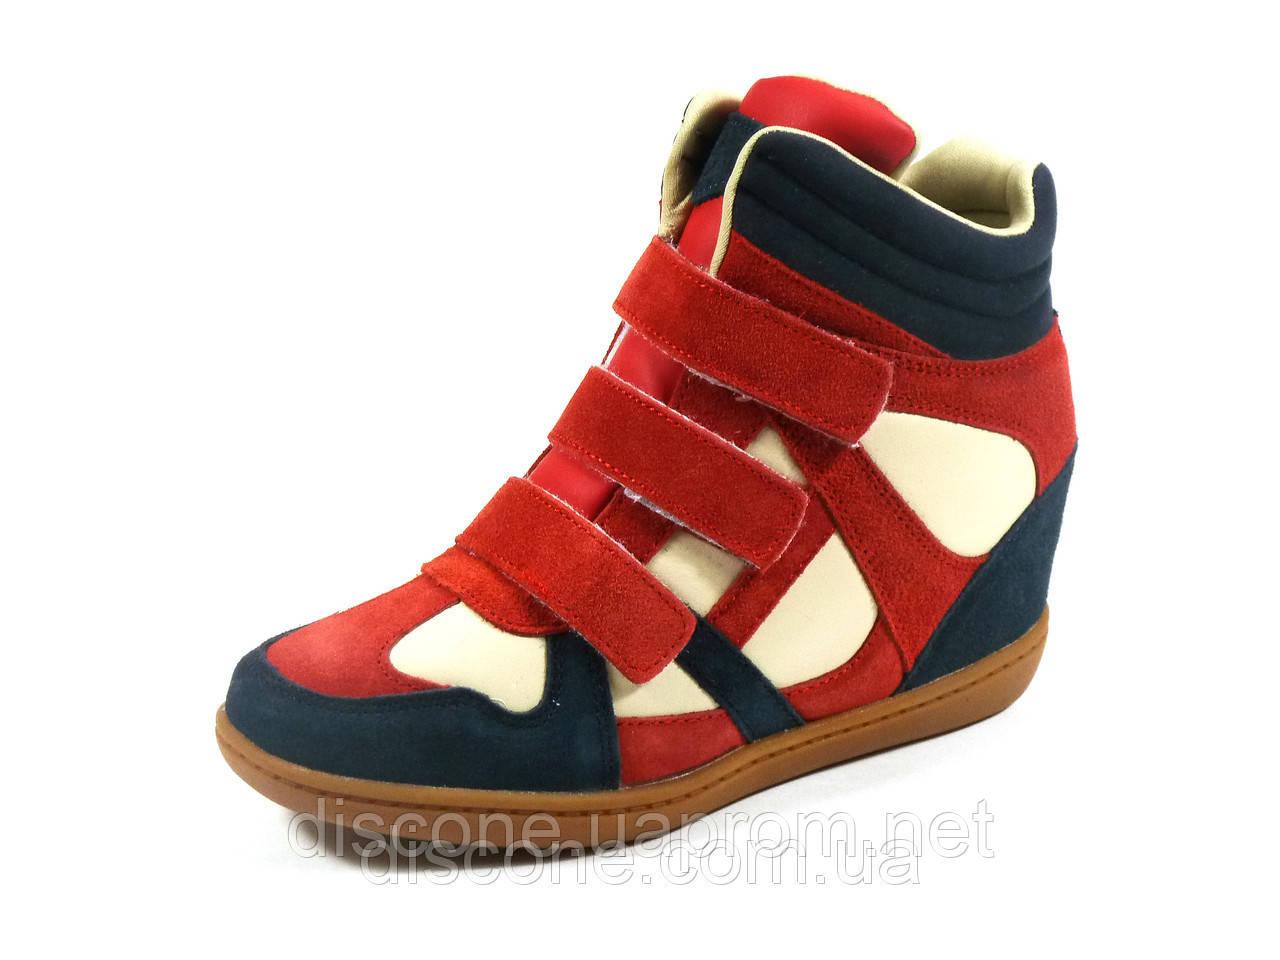 купить кроссовки для брейк данса недорого